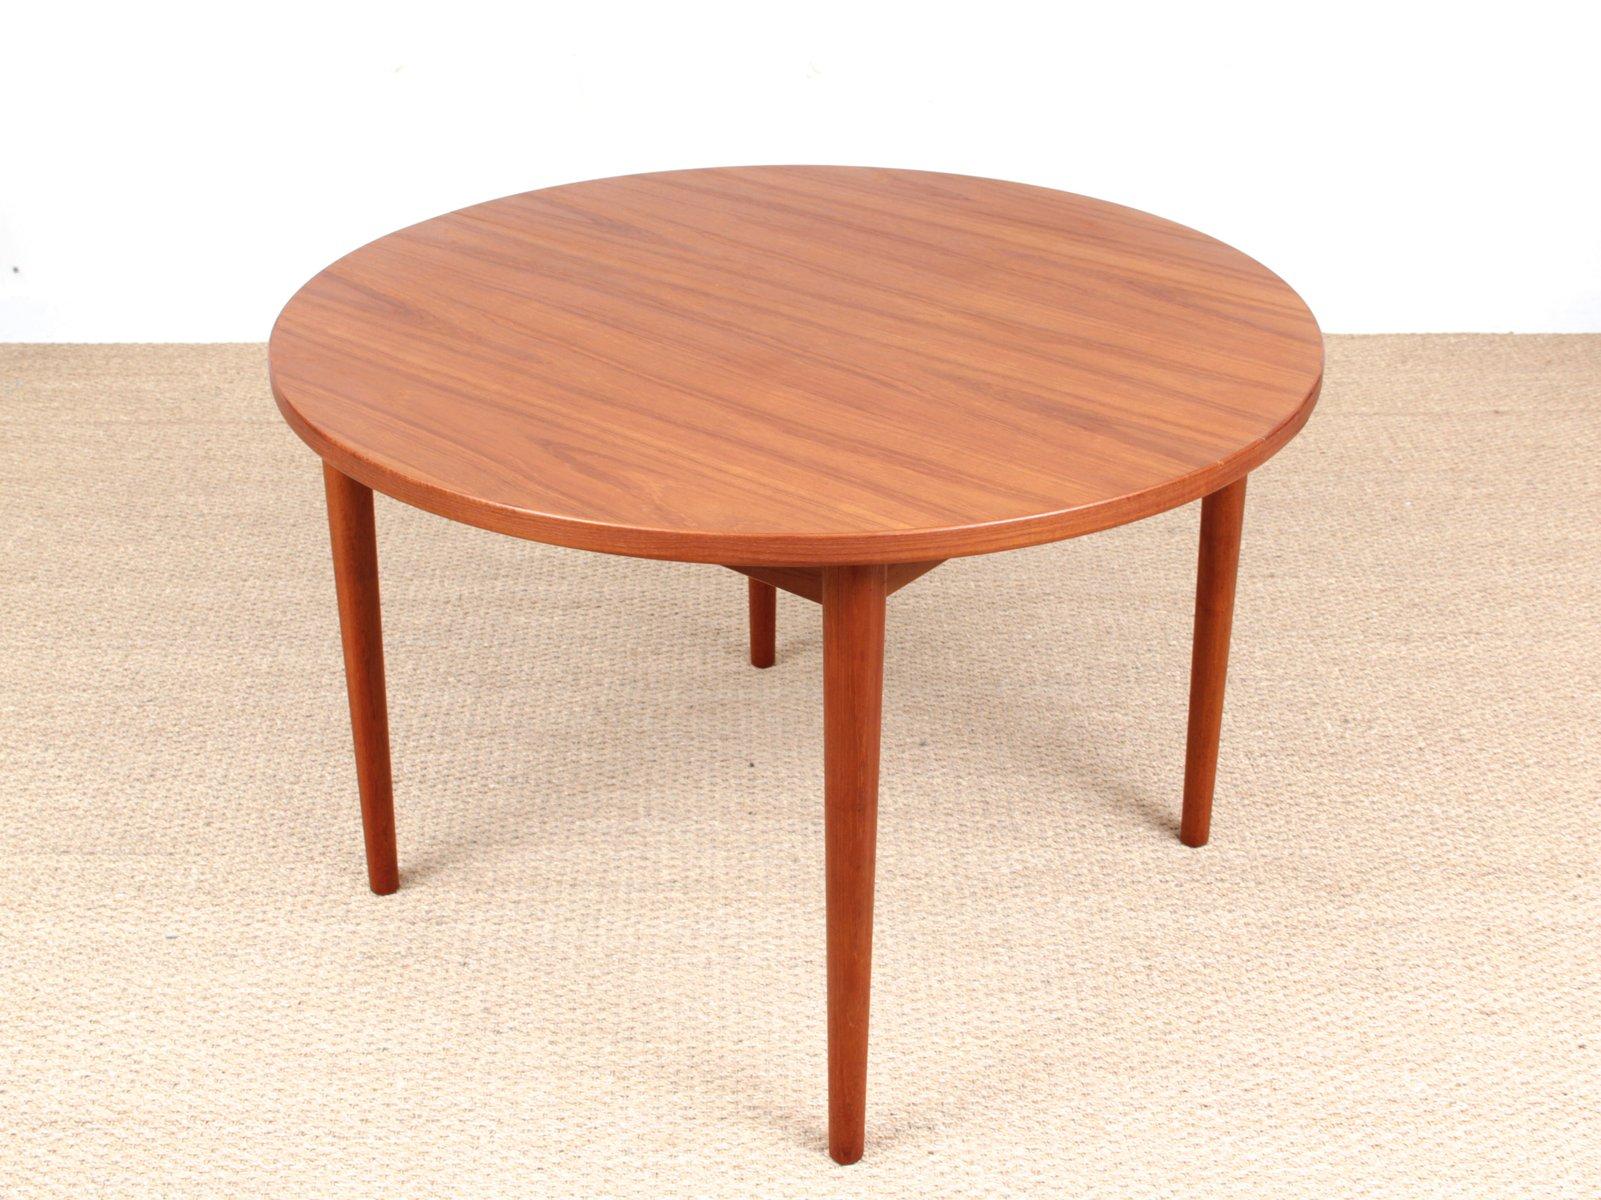 table de salle manger ronde scandinave par nils jonsson pour hugo troeds 1960s en vente sur. Black Bedroom Furniture Sets. Home Design Ideas